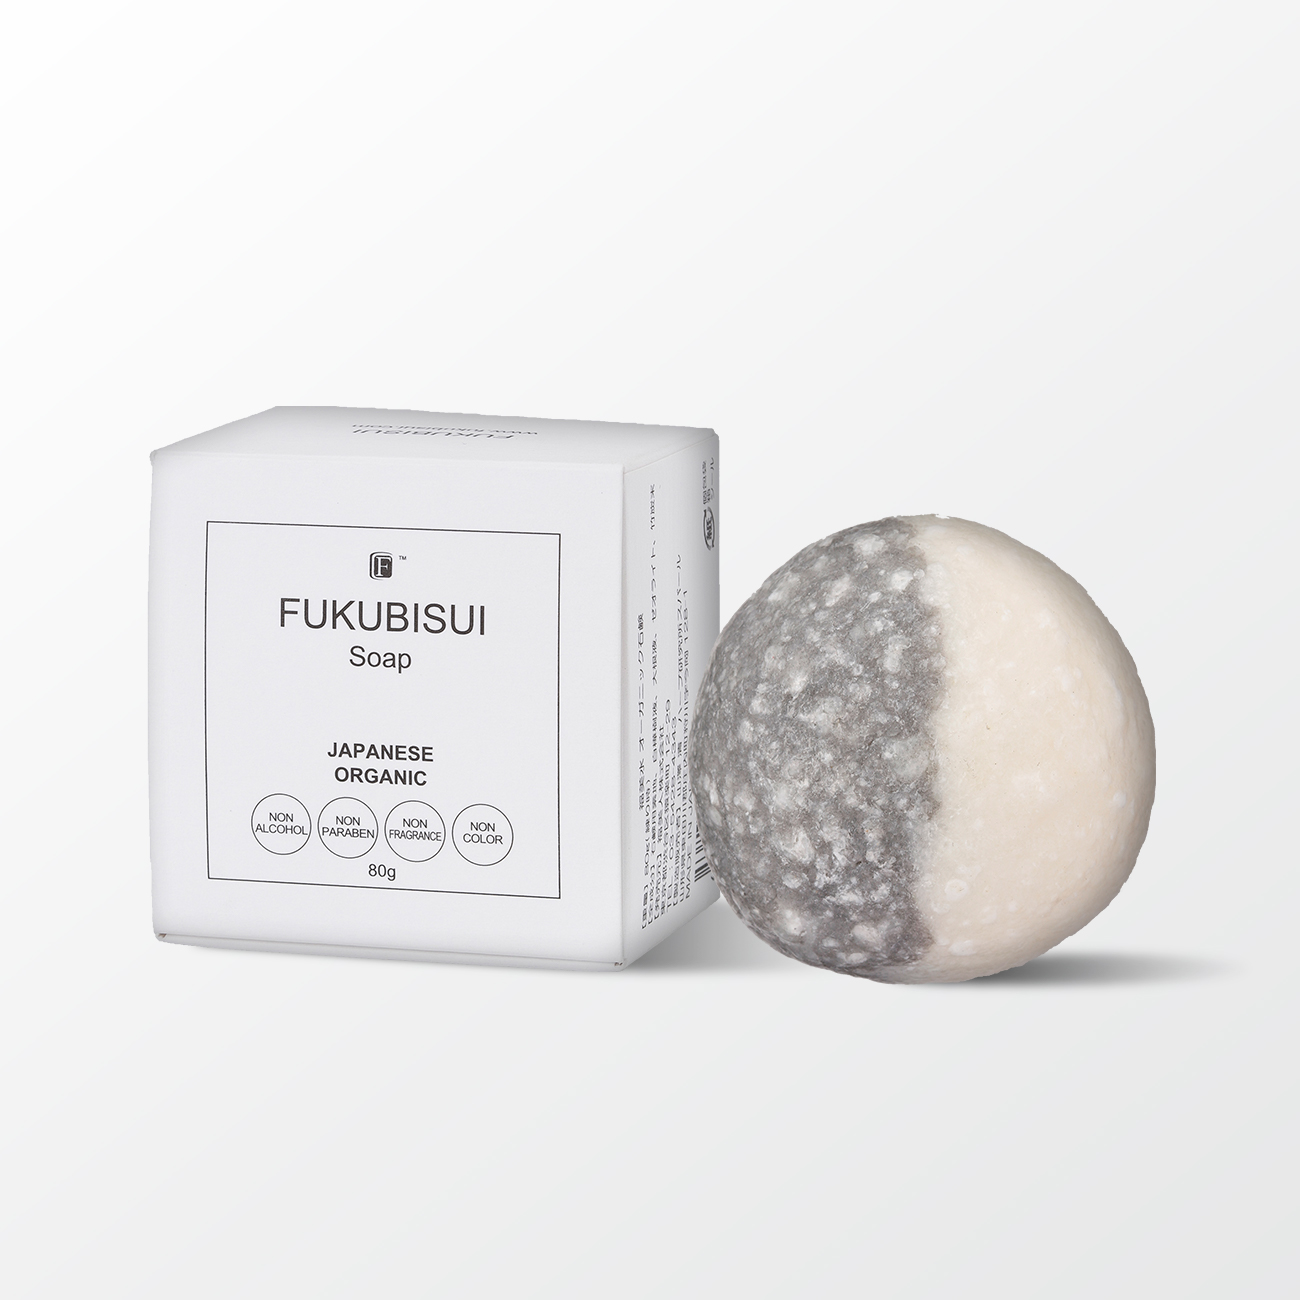 福美水オーガニック石鹸